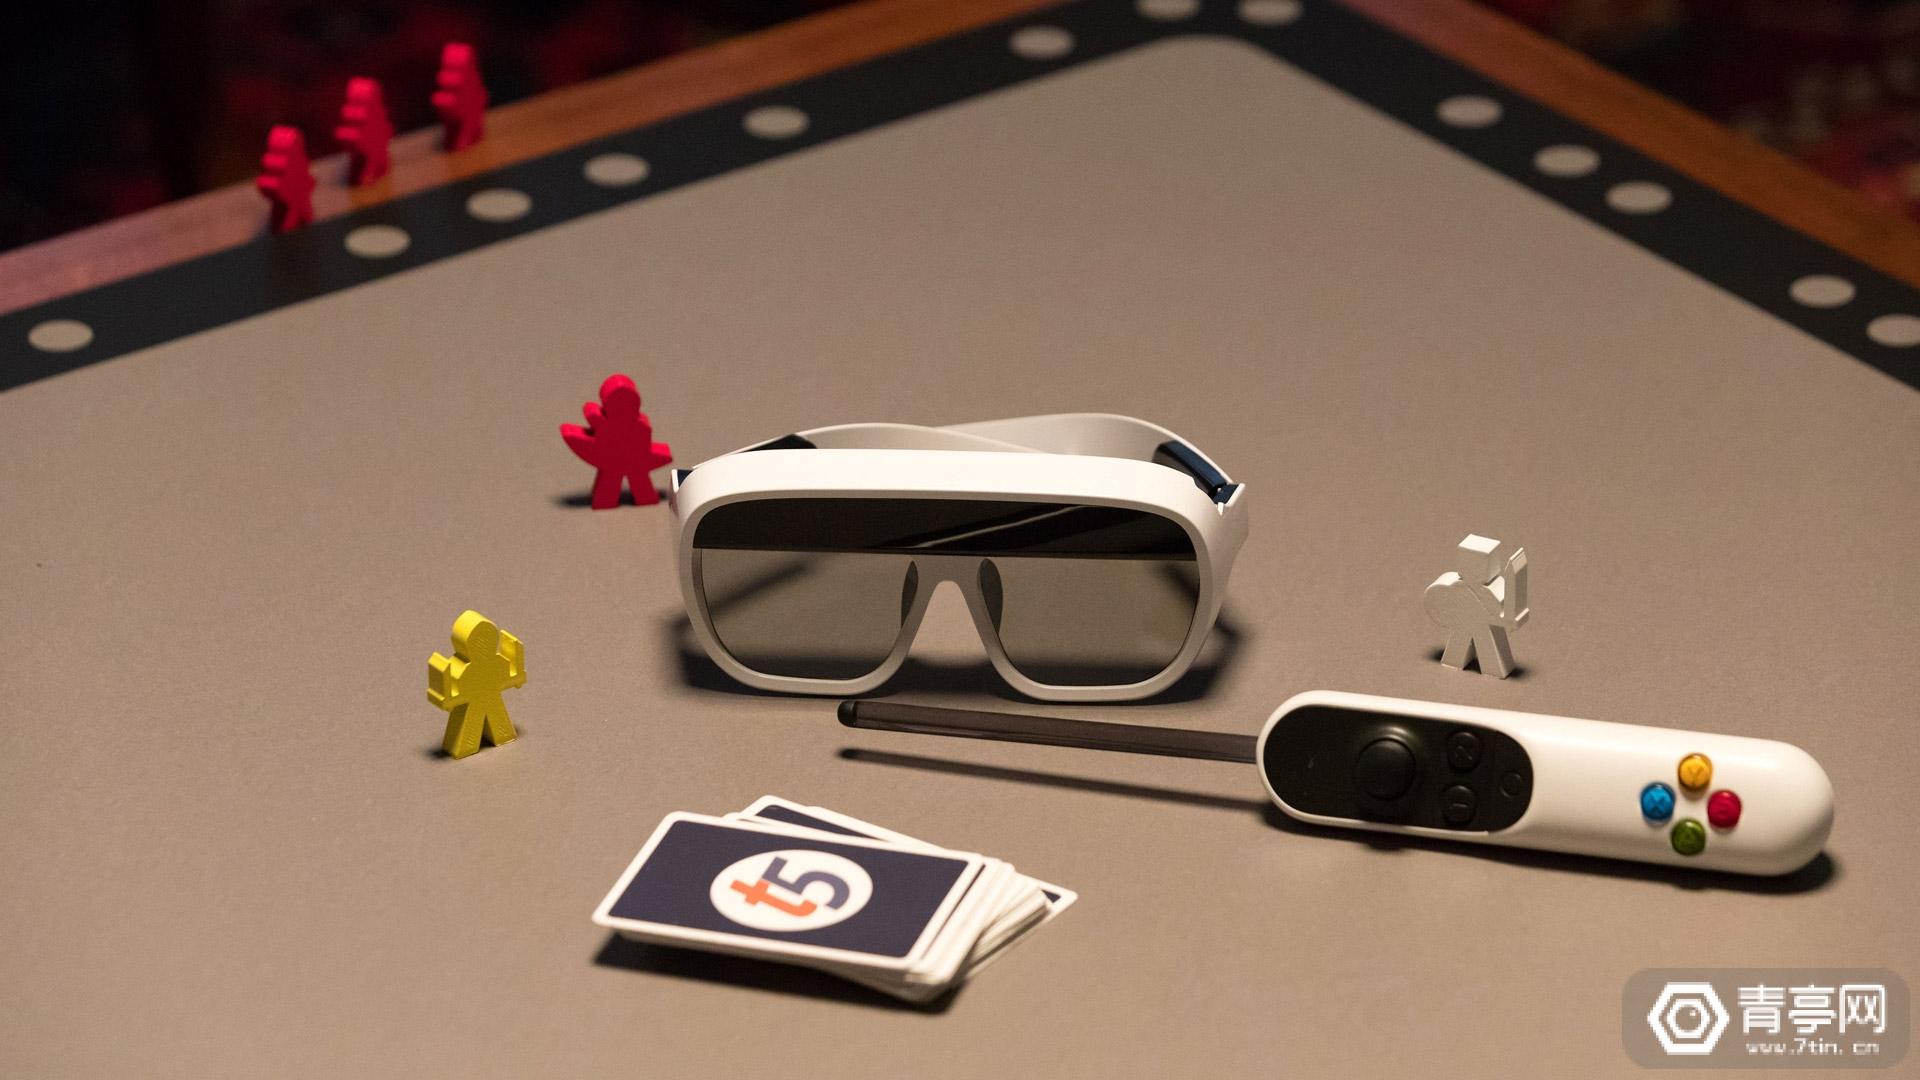 AR公司Tilt Five获750万美元A轮融资,桌游产品或推迟明年发货